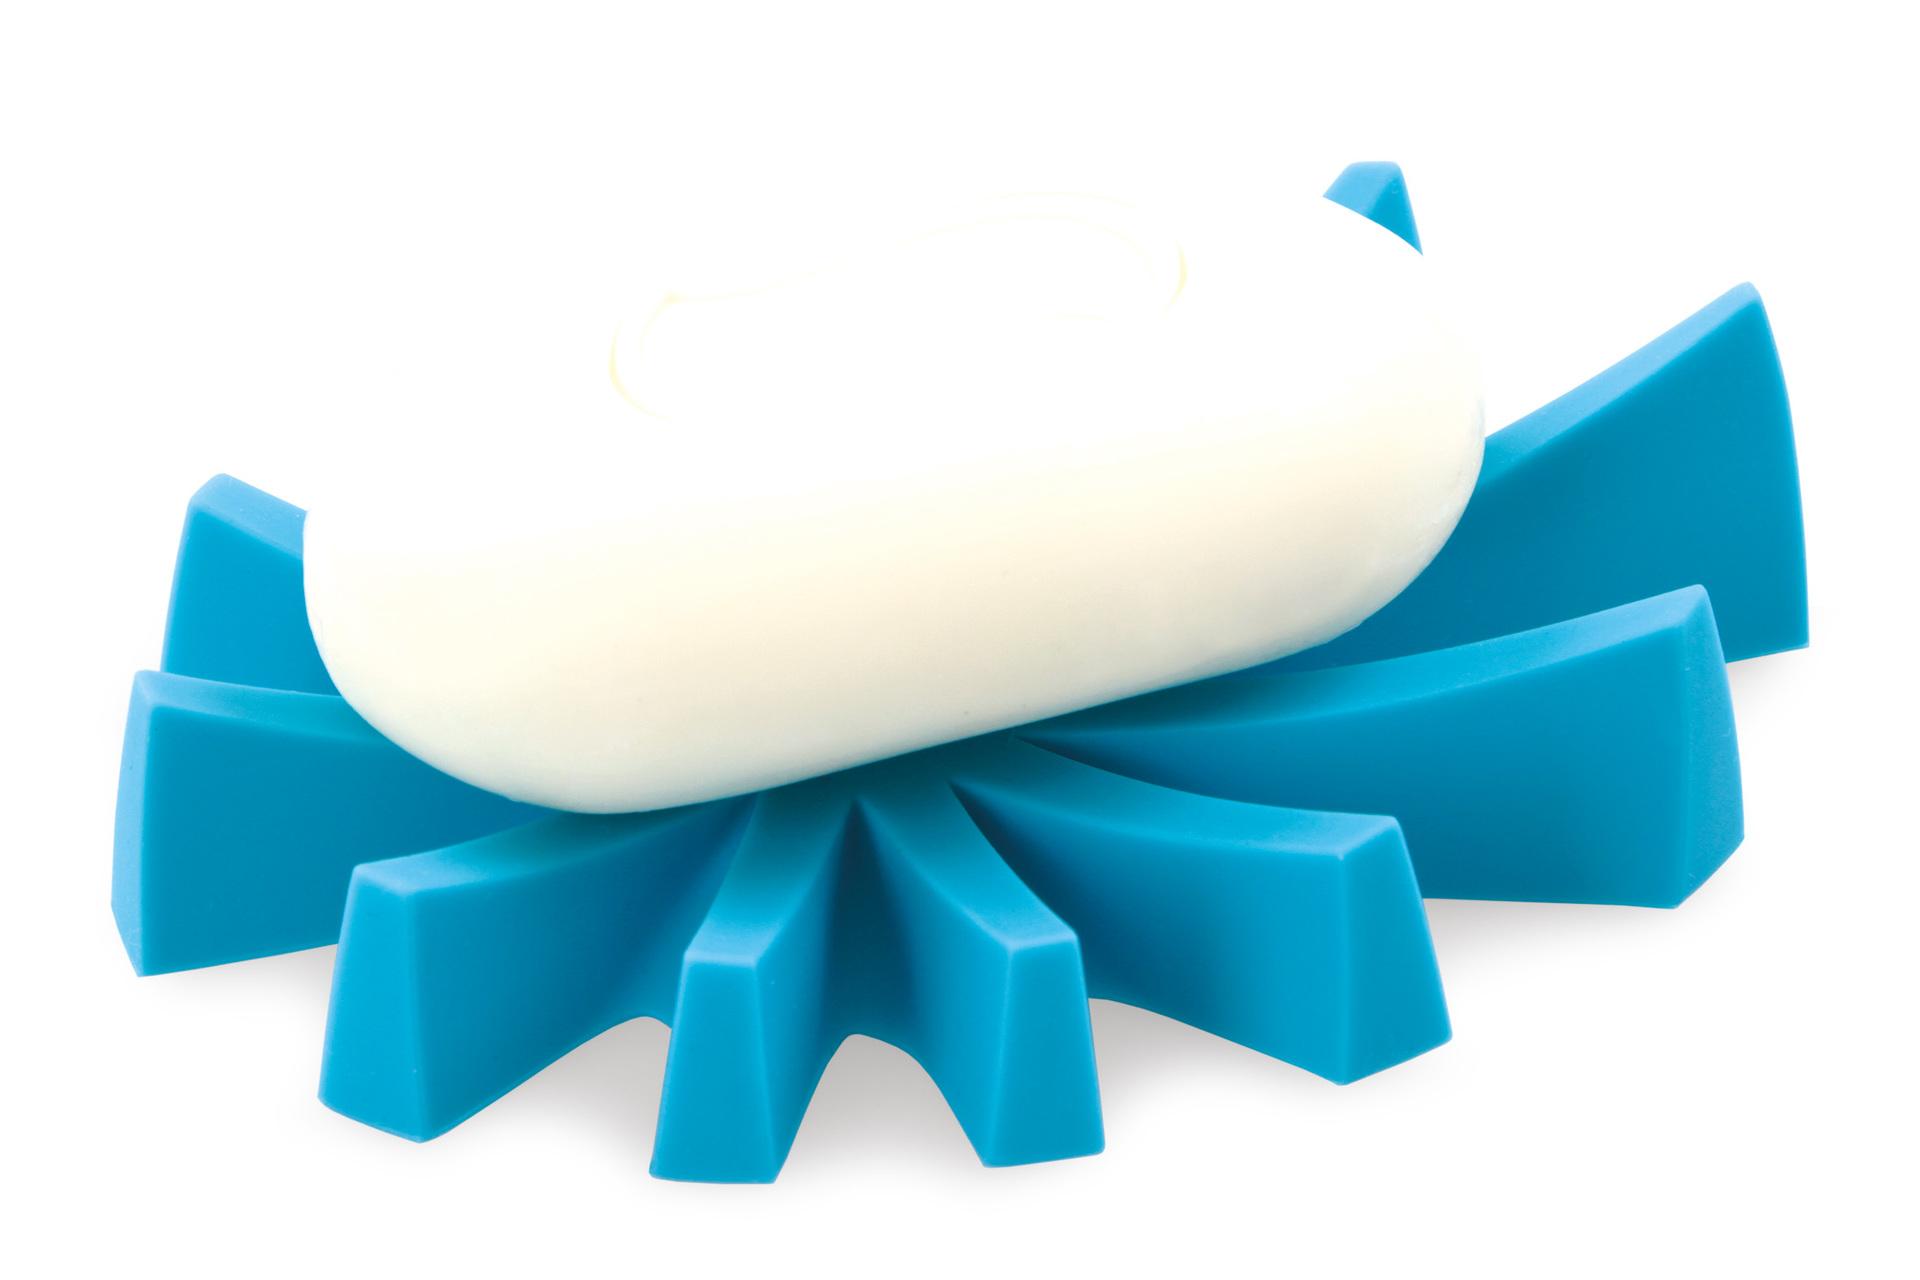 Mýdlovník tyrkysový, stojan na tuhá mýdla